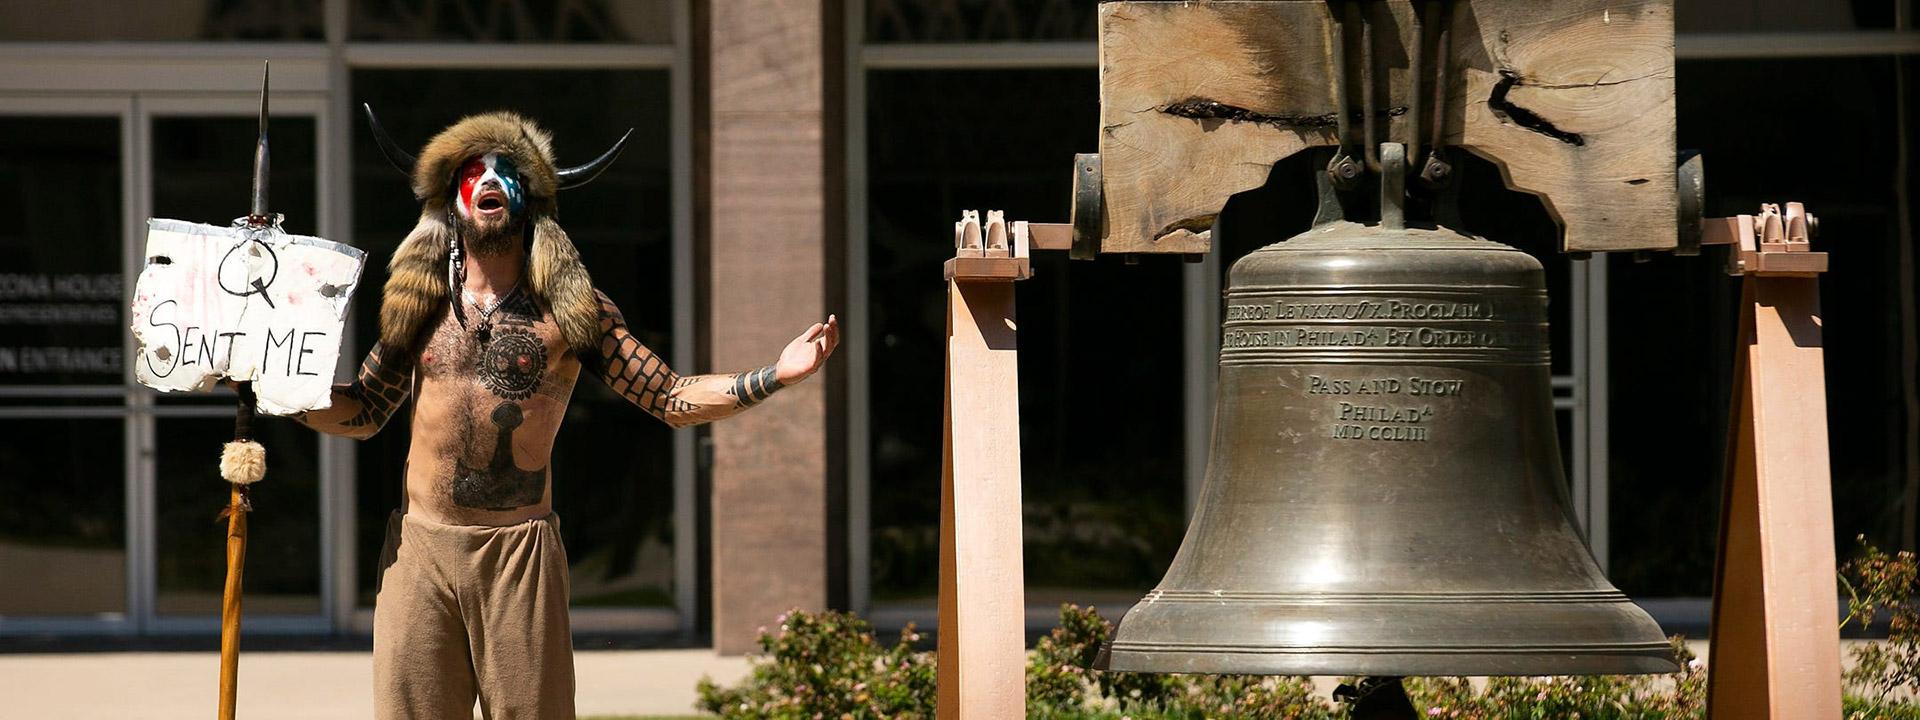 """Angeli con su cartel """"Q me envió"""" en una manifestación en Arizona"""